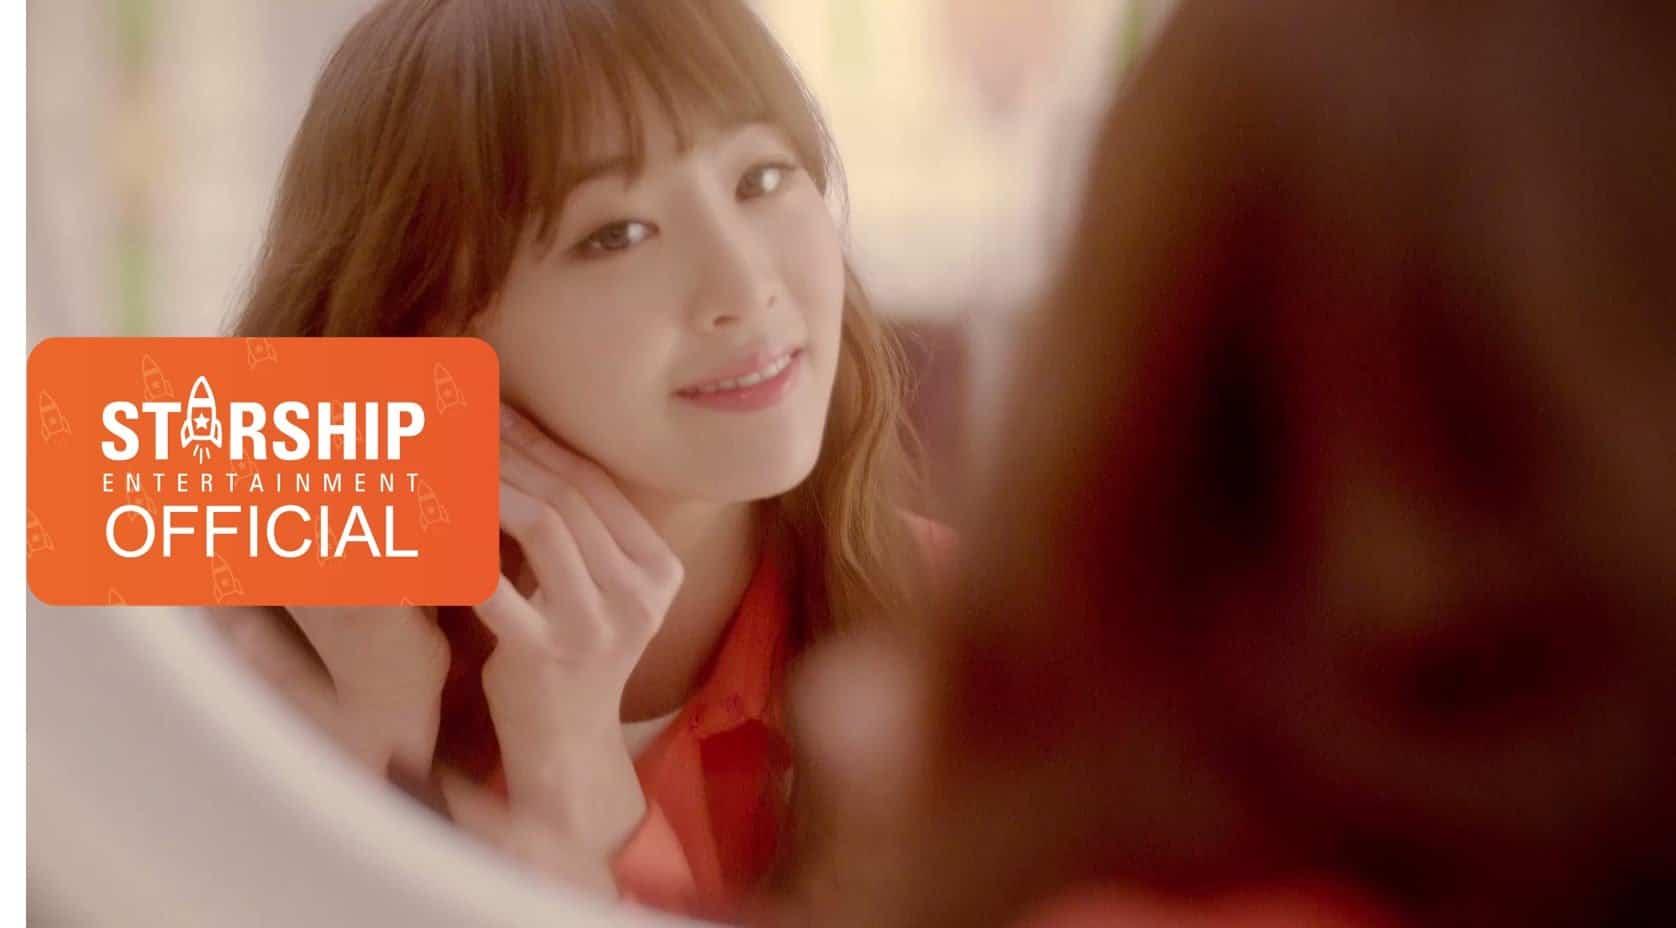 แปลเพลง SOME | SoYou X Junggigo (Feat. LIL BOI OF GEEKS)